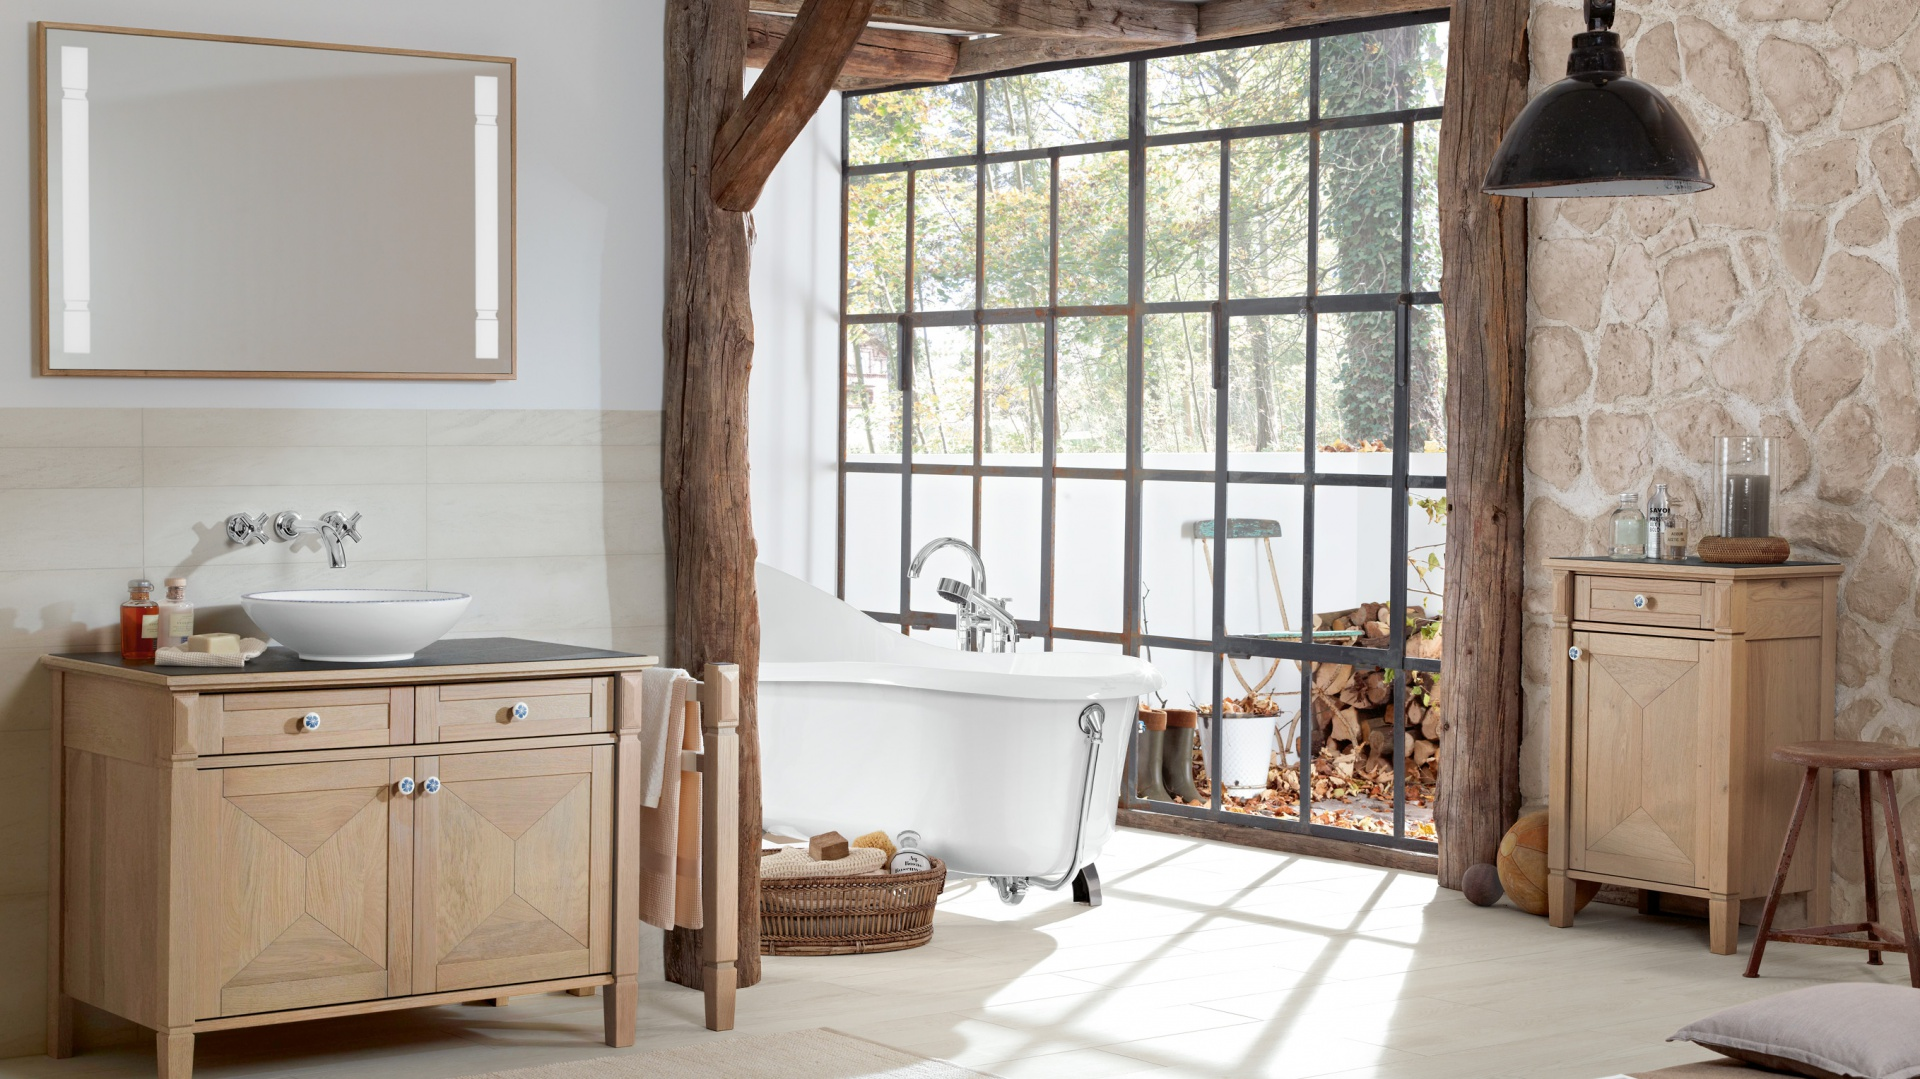 True Oak marki Villeroy&Boch to meble z prawdziwego, starannie wyselekcjonowanego    drewna dębowego, które wyglądają tak, jakby zostały zrobione w dawnym warsztacie stolarskim. Kolekcję wyróżnia niezwykły kolor – Mellow Oak – efekt pięcioetapowej, starannej obróbki drewna oraz wykonane z niezwykłą dbałością detale. Fot. Villeroy&Boch.